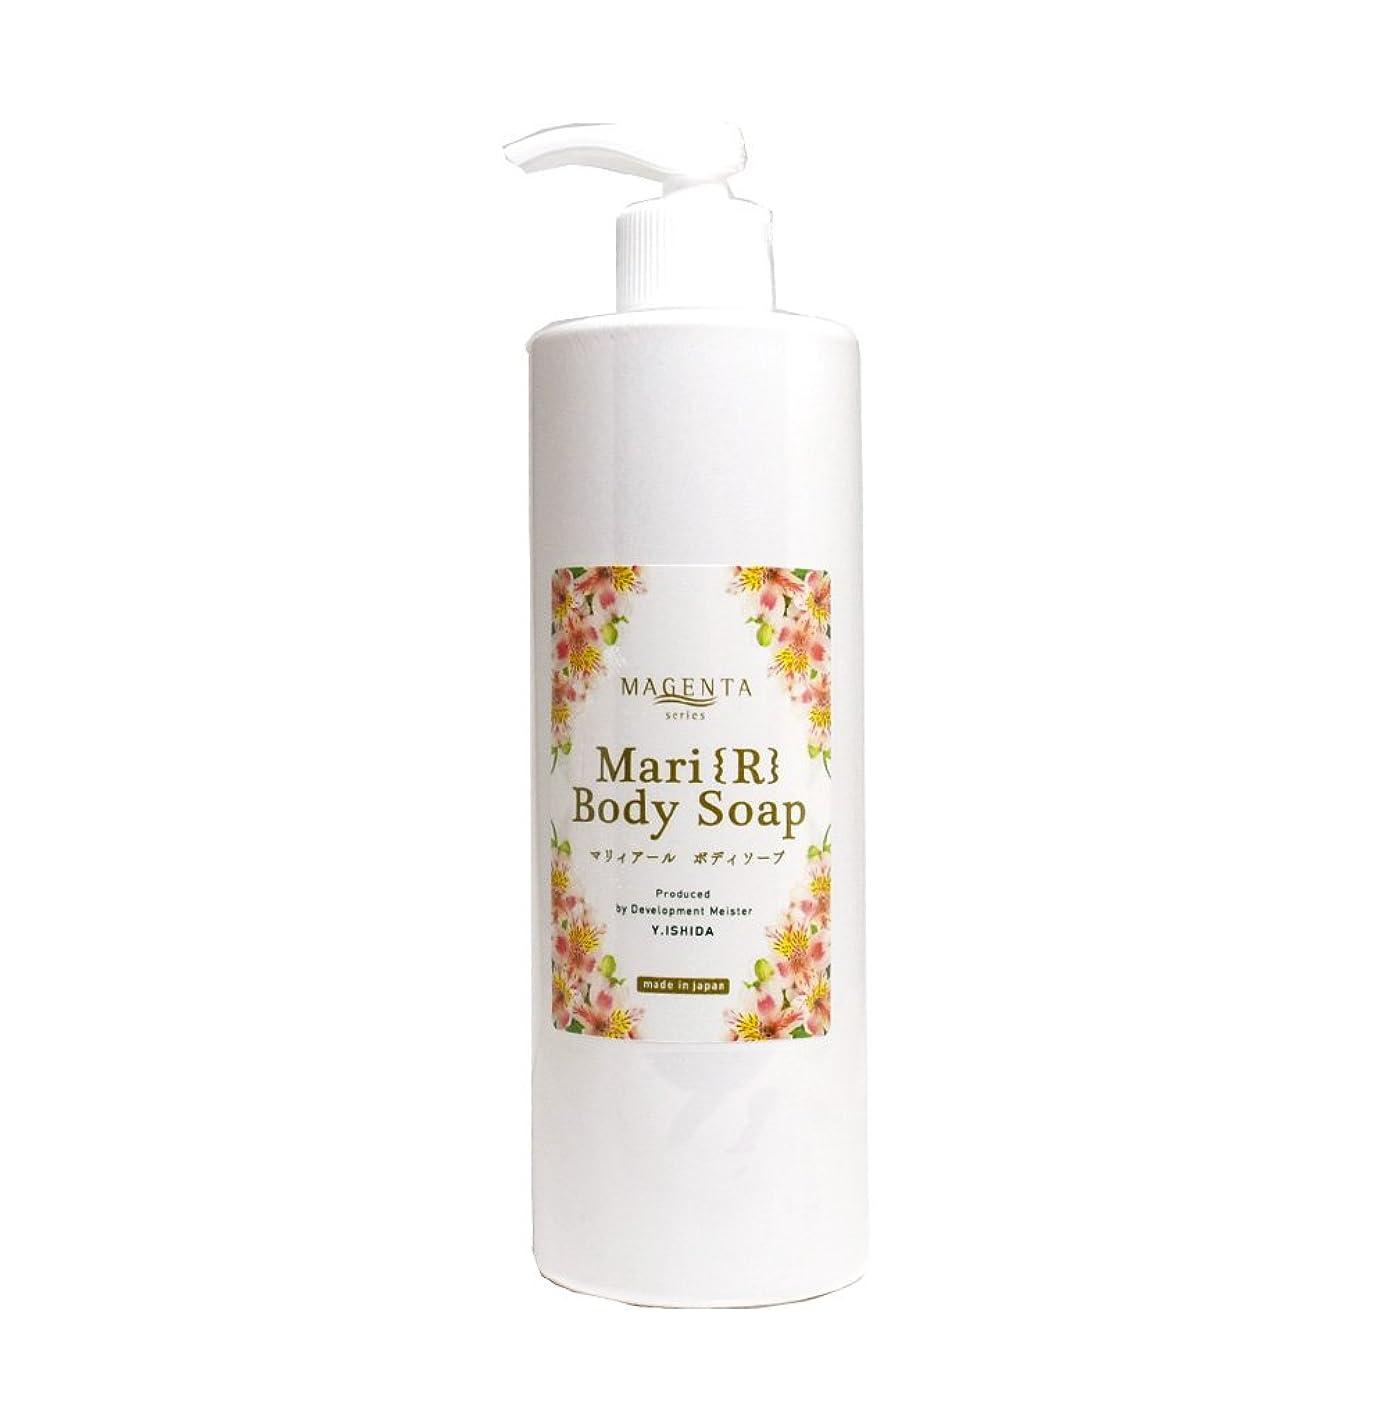 クレデンシャル樹皮形成MAGENTA Mari R Body Soap 400ml マジェンタ マリイアール ボディソープ 日本製